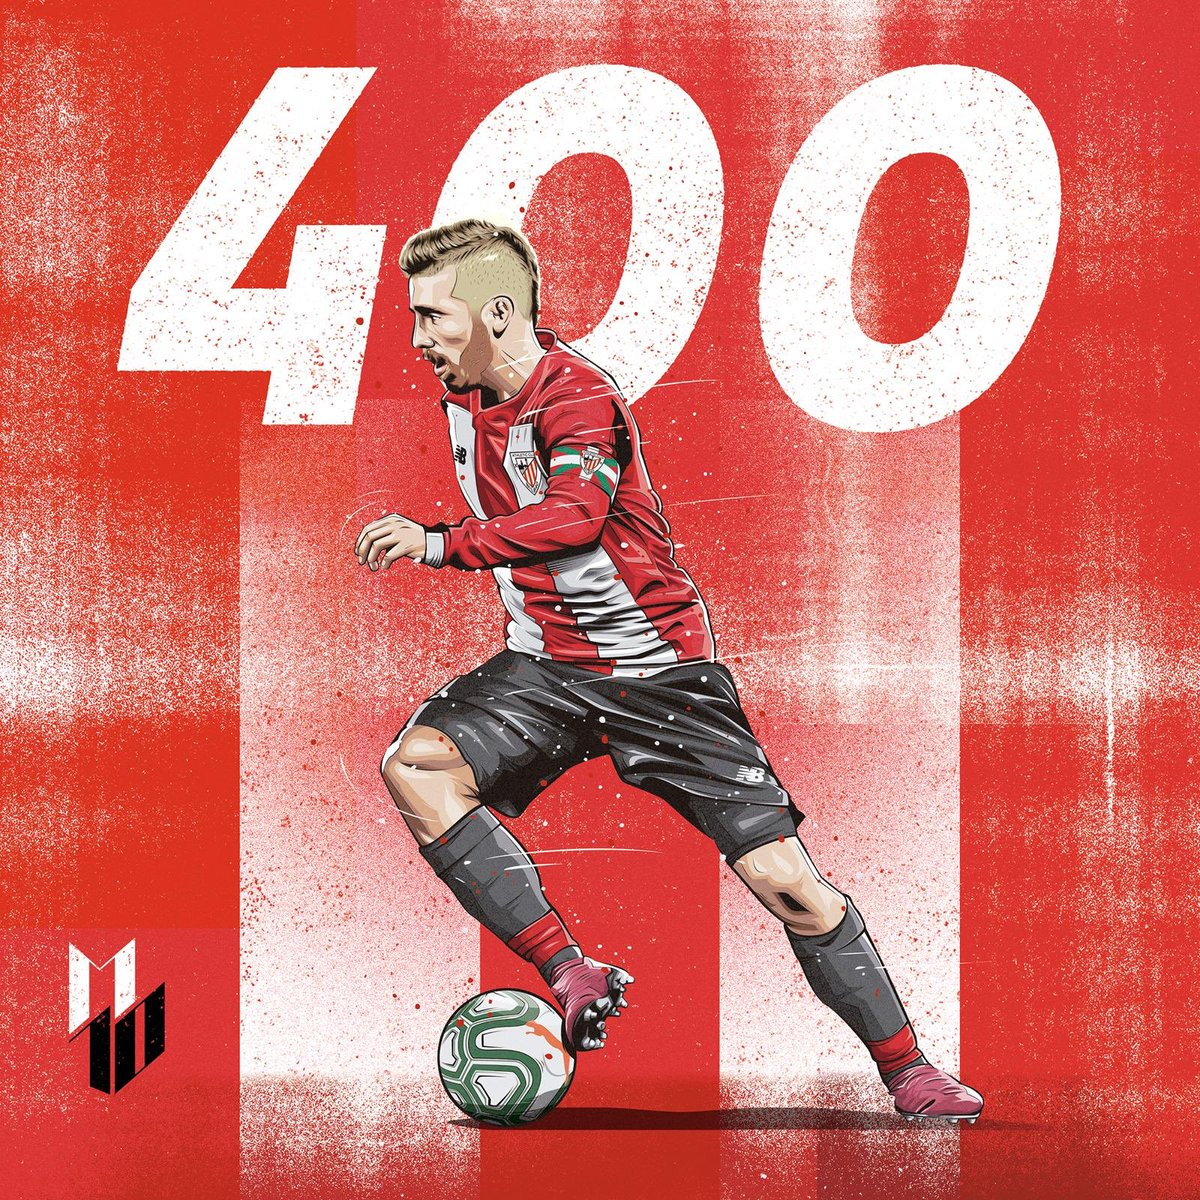 Orgulloso y feliz por jugar mi partido 400. Gracias por todo @athleticclub